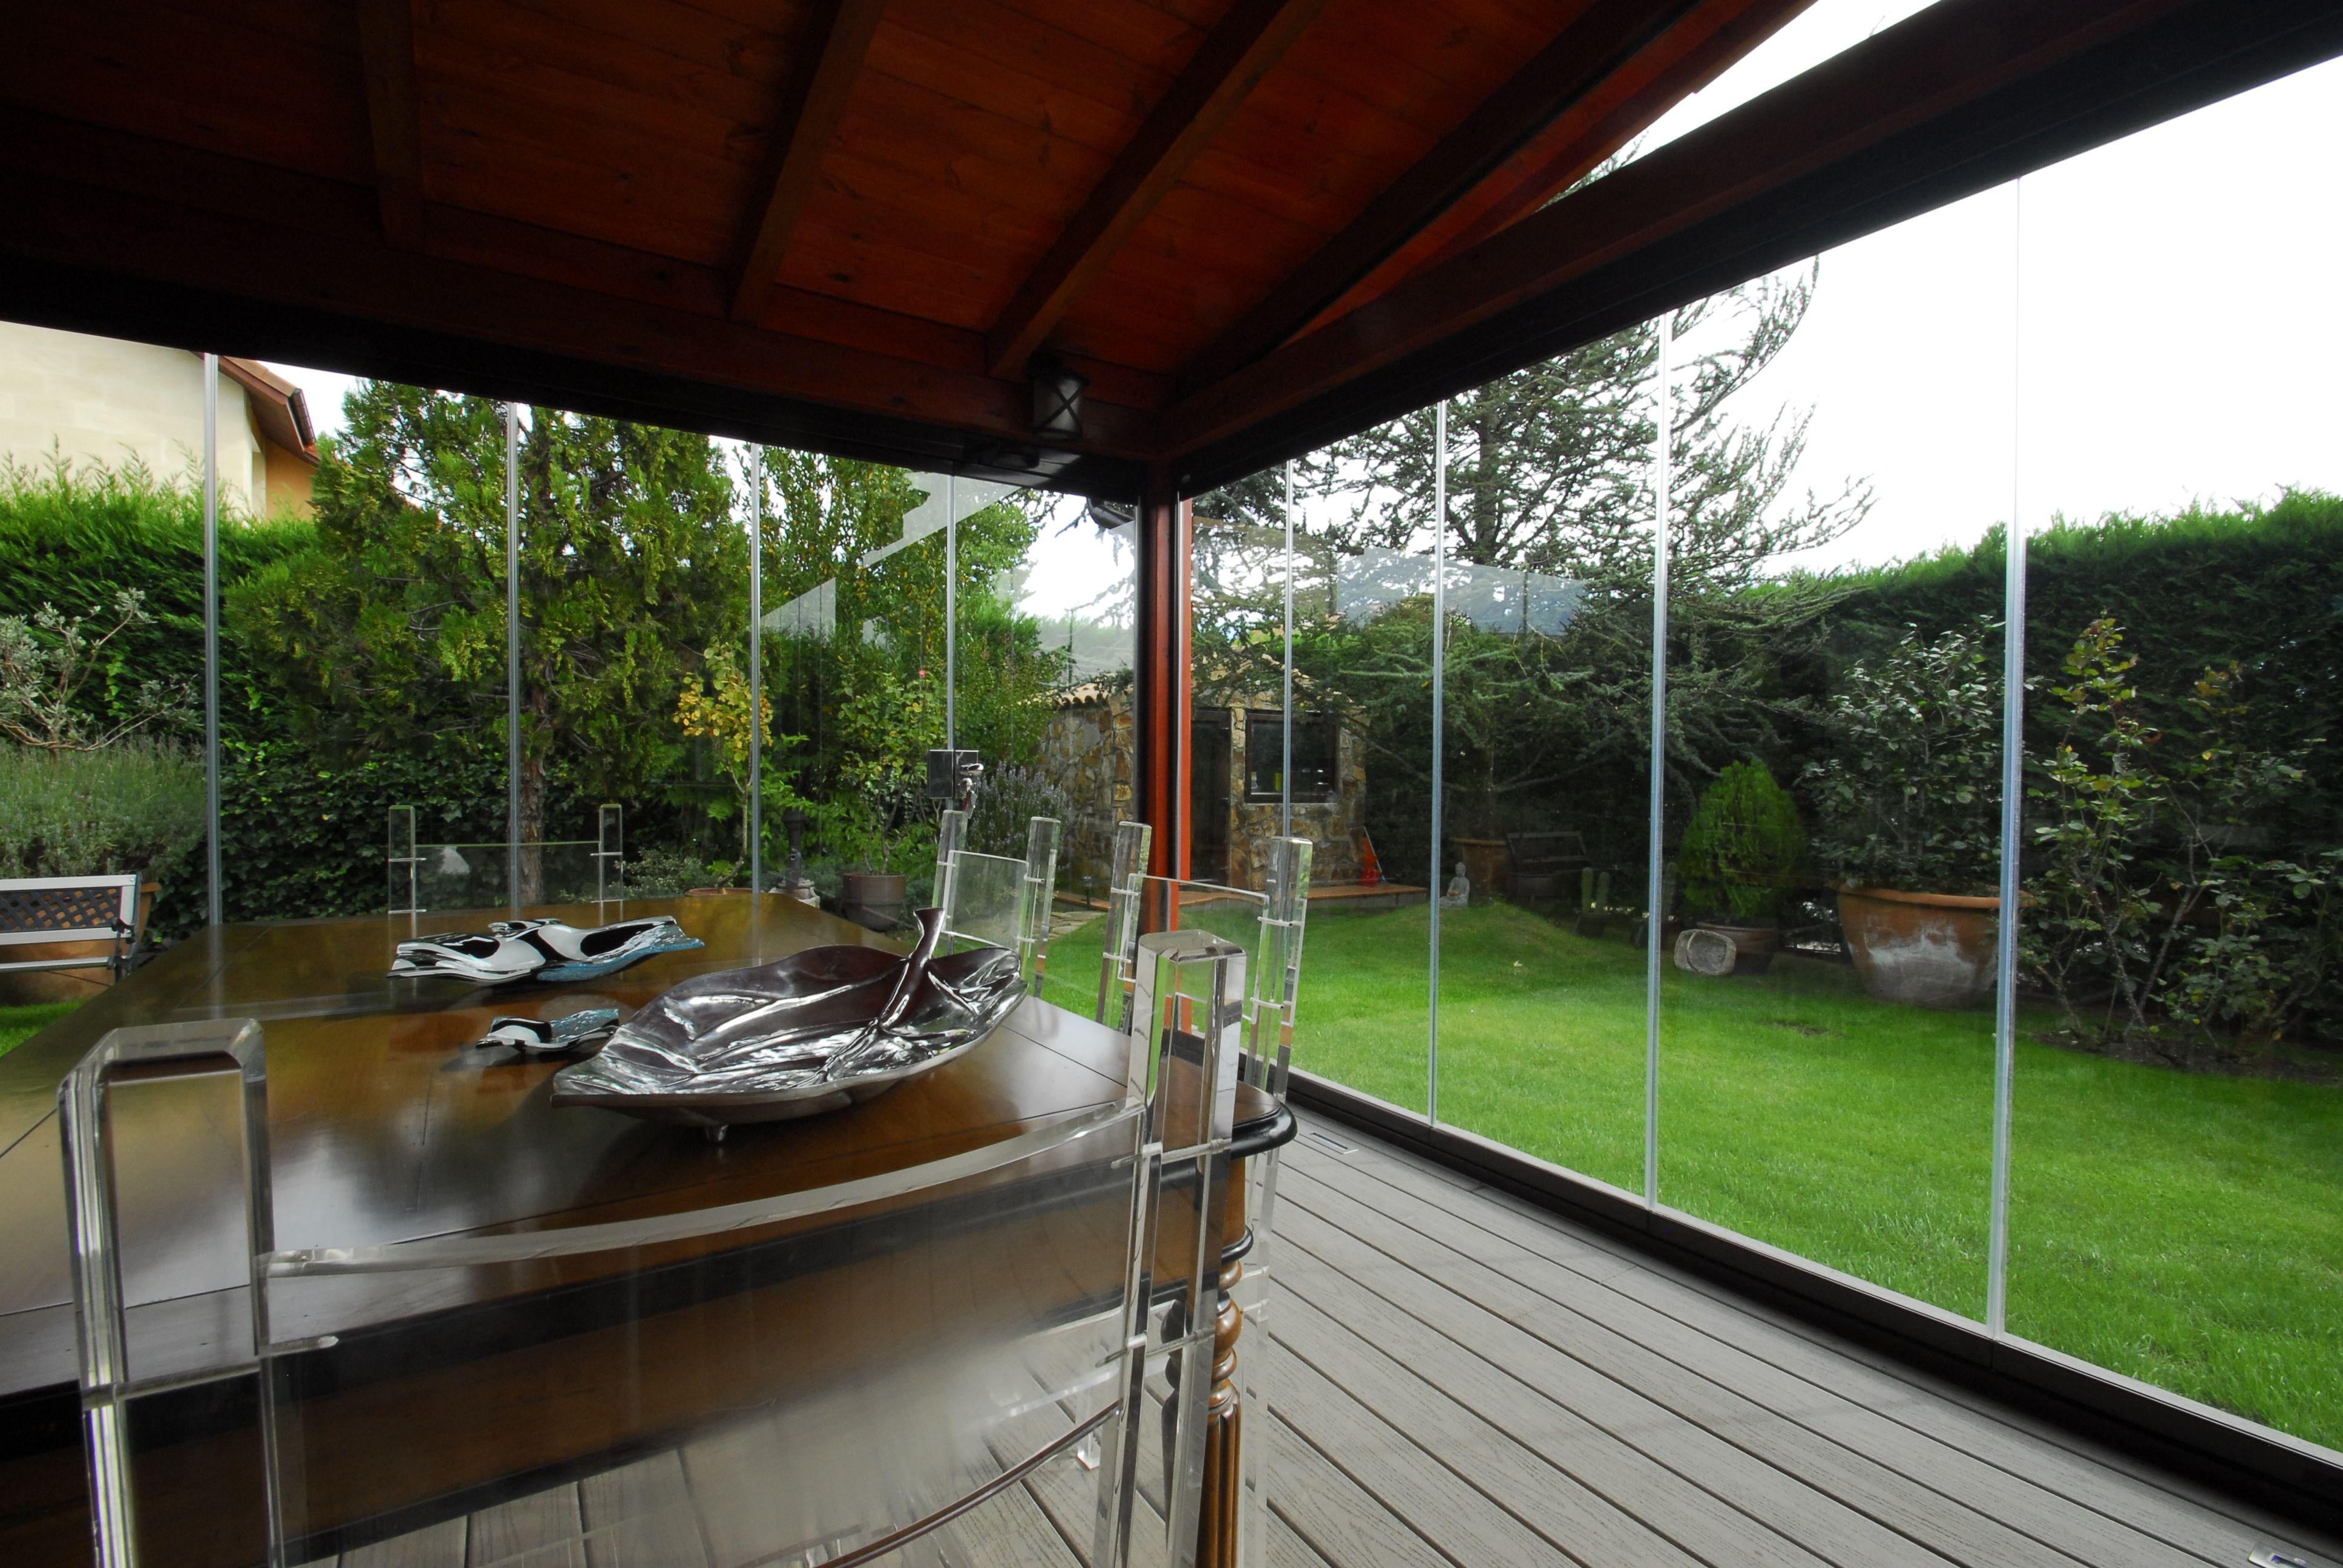 Cerramiento de cristal en esquina porche entrada for Cerramientos para jardines